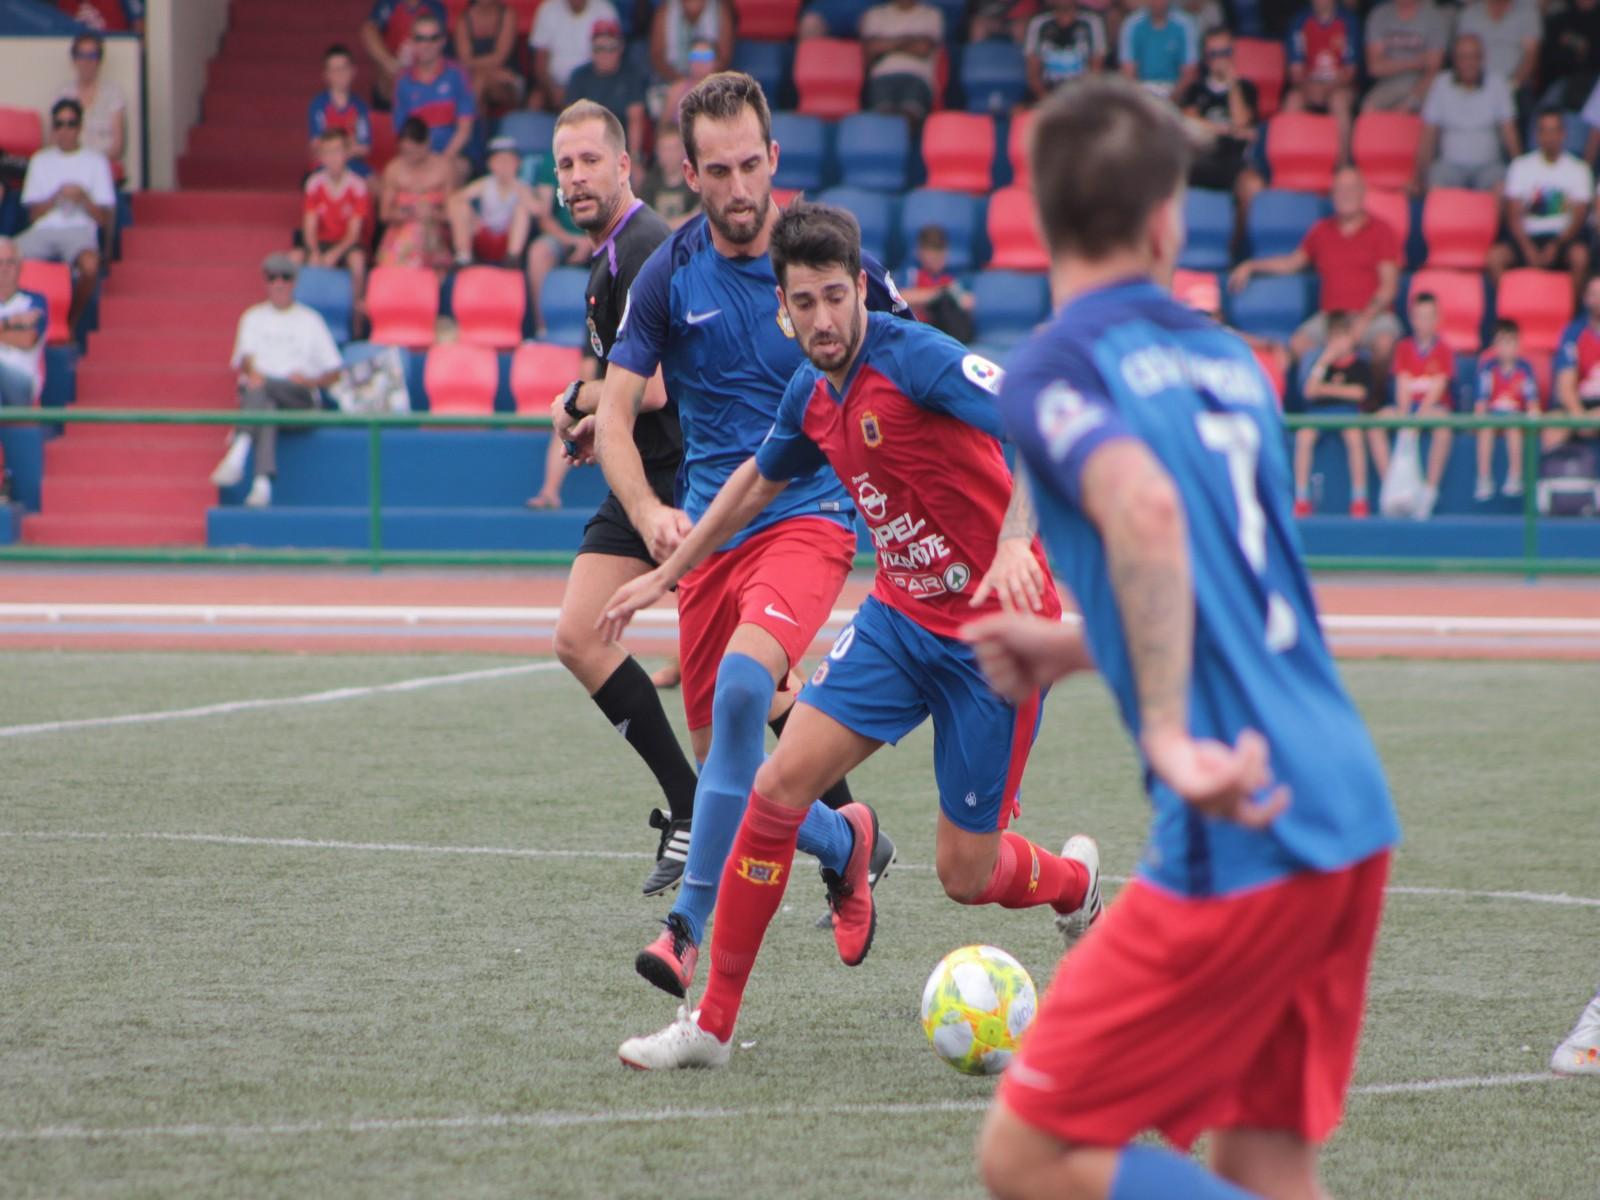 La UD Lanzarote logra un empate en su visita al CD Santa Úrsula